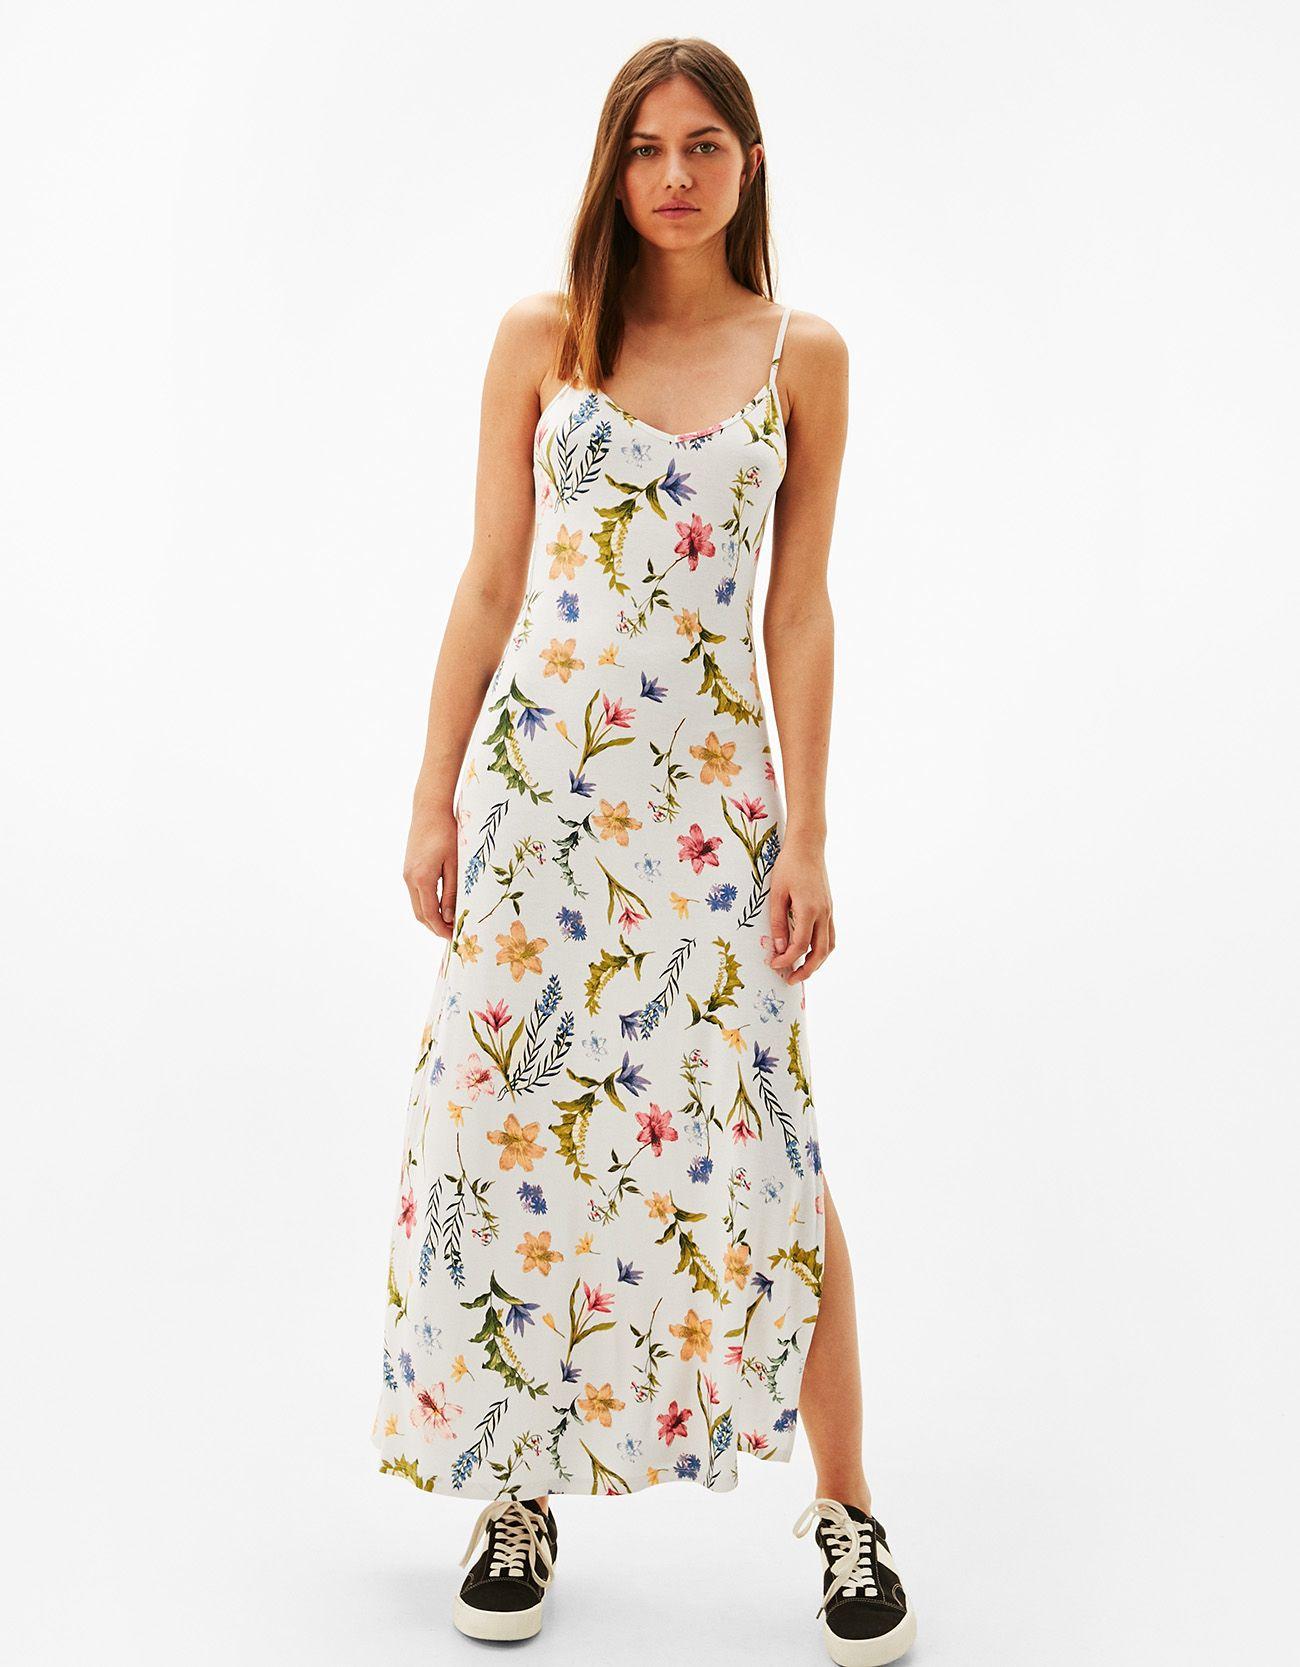 Dluga Sukienka Na Ramiaczkach Odkryj To I Wiele Innych Ubran W Bershka W Cotygodniowych Nowosciach